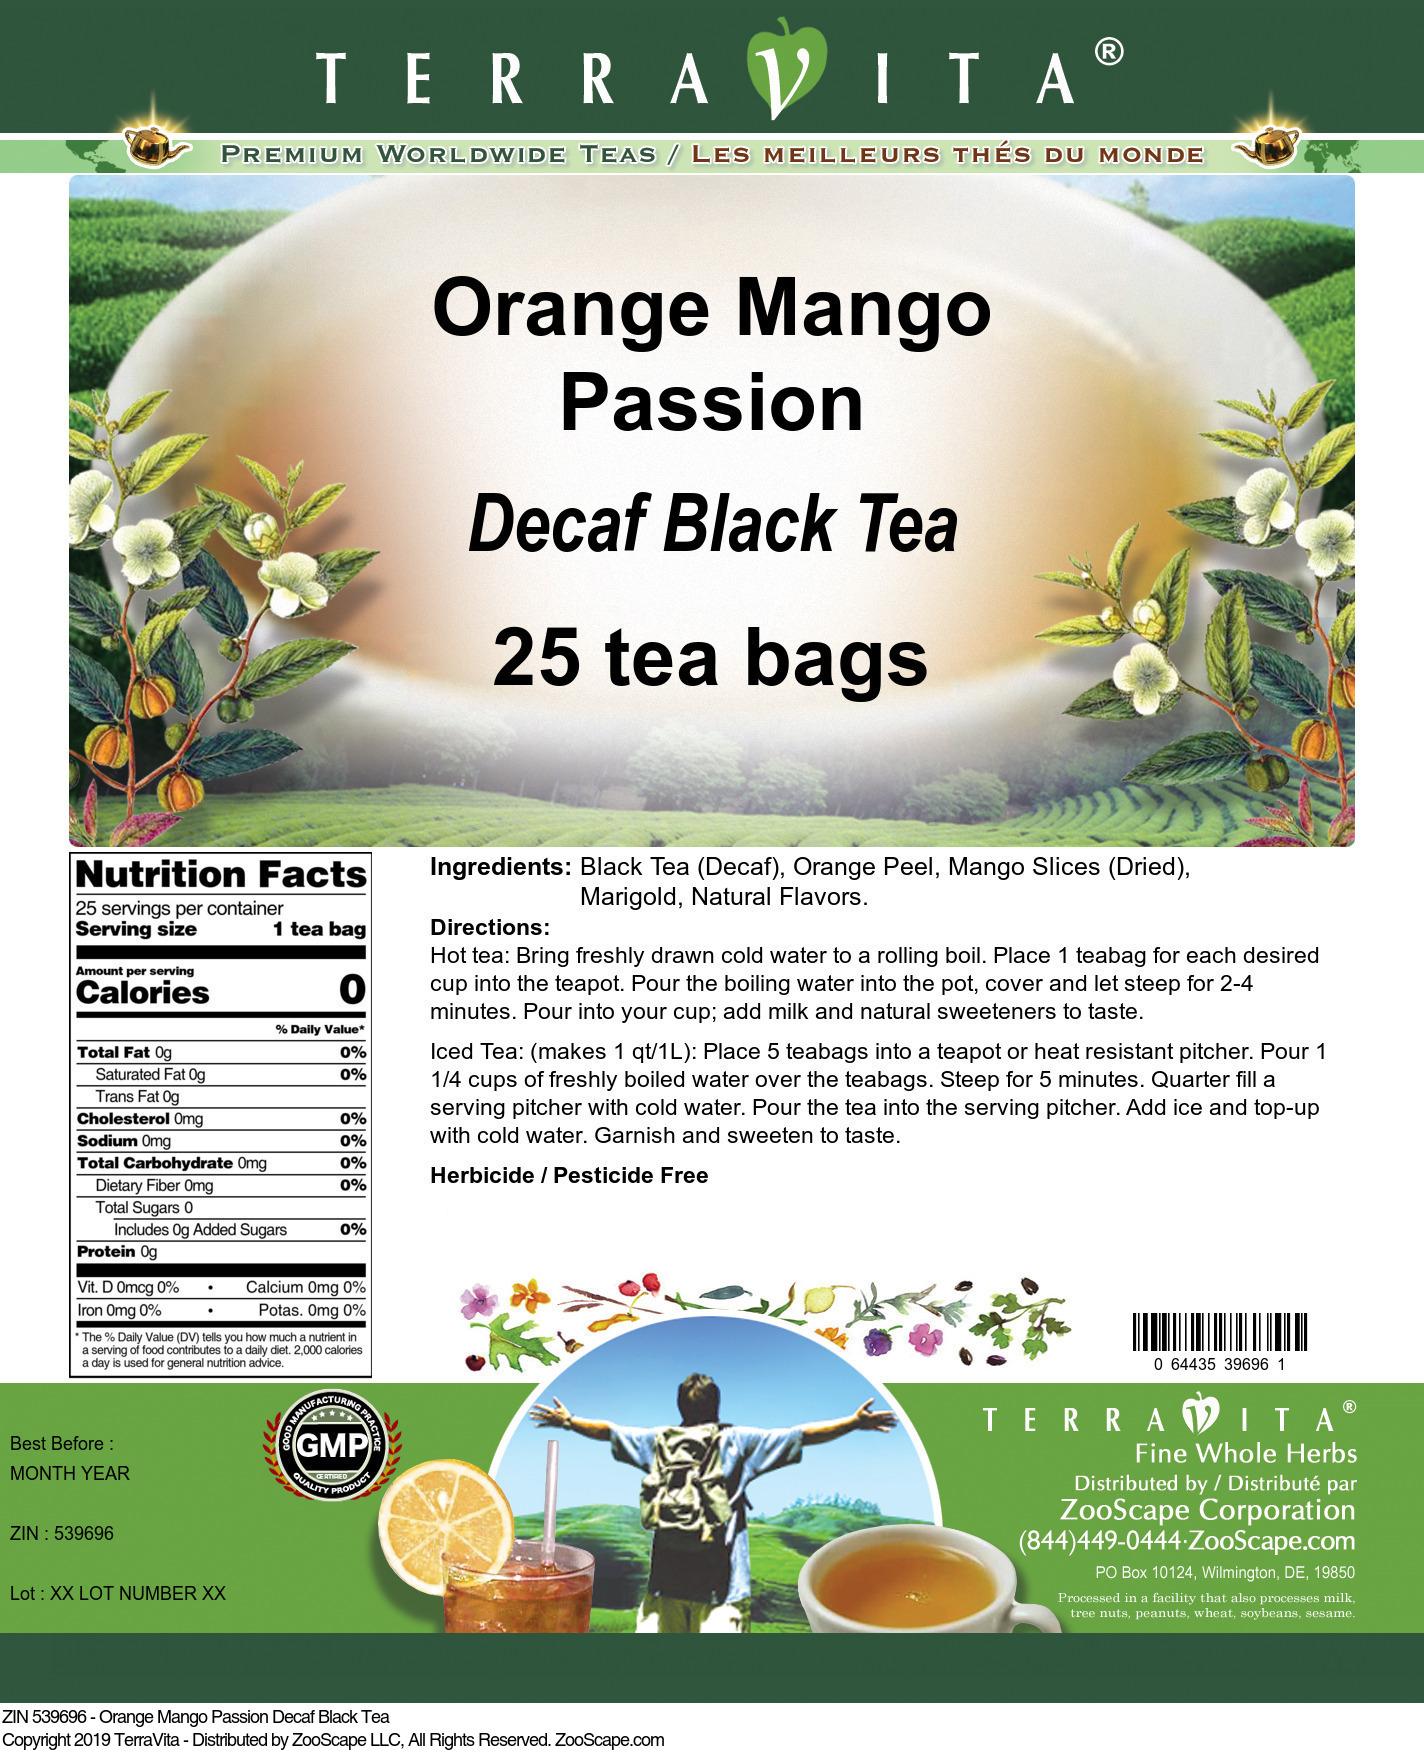 Orange Mango Passion Decaf Black Tea